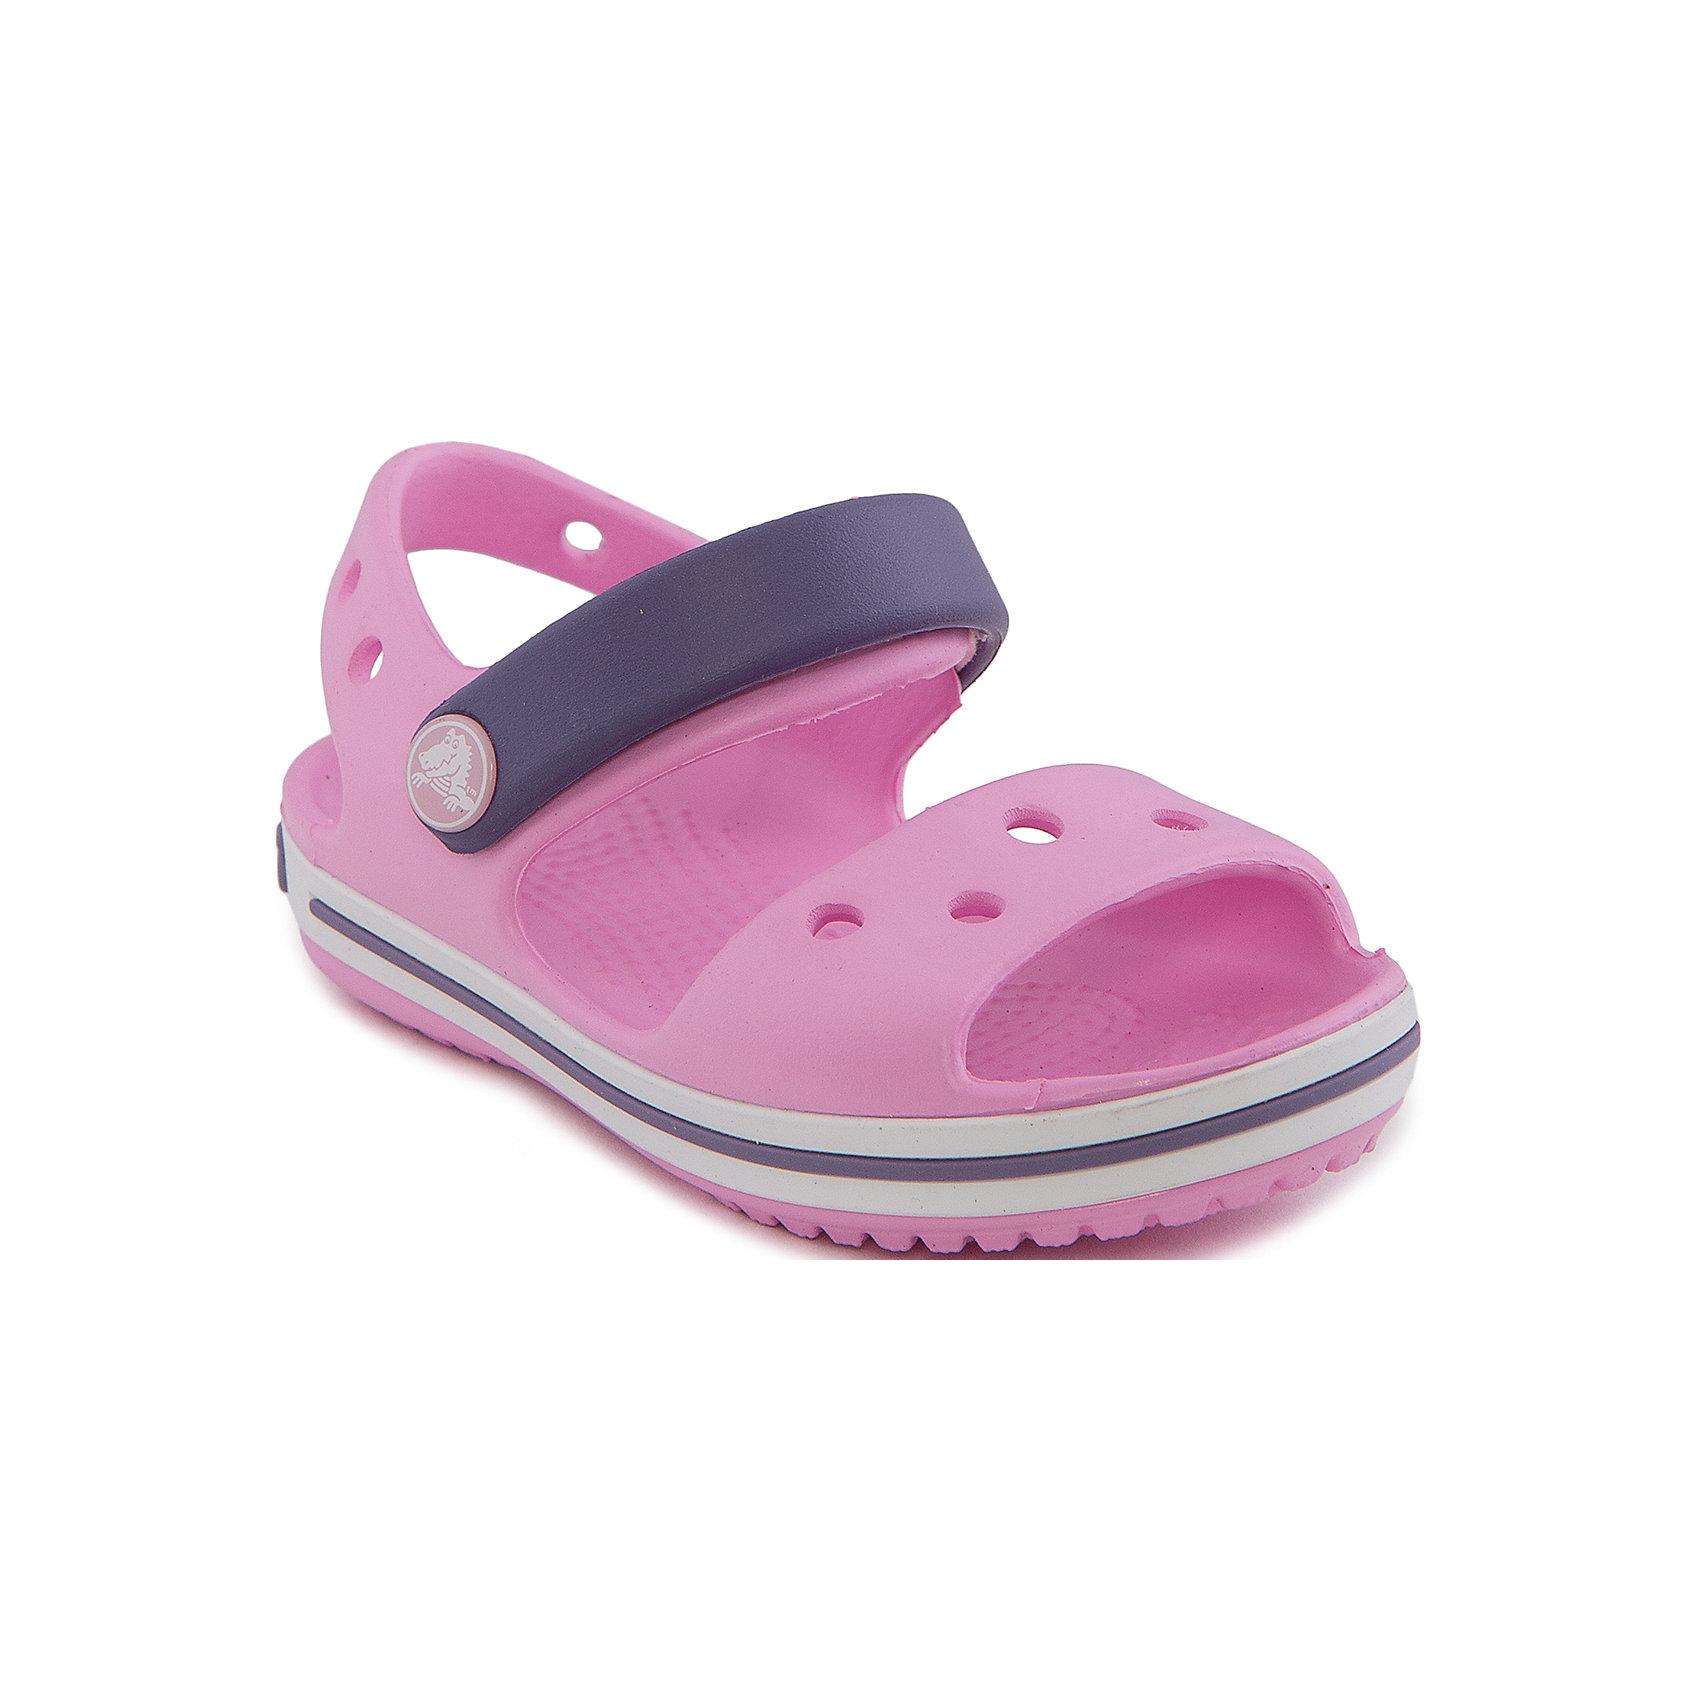 Сандалии Crocband™ Sandal Kids для девочки CrocsПляжная обувь<br>Характеристики товара:<br><br>• цвет: розовый<br>• сезон: лето<br>• материал: 100% полимер Croslite™<br>• бактериостатичный материал<br>• ремешок фиксирует стопу<br>• антискользящая устойчивая подошва<br>• липучка<br>• анатомическая стелька с массажными точками<br>• страна бренда: США<br>• страна изготовитель: Китай<br><br>Для правильного развития ребенка крайне важно, чтобы обувь была удобной.<br><br>Такие сандалии обеспечивают детям необходимый комфорт, а анатомическая стелька с массажными линиями для стимуляции кровообращения позволяет ножкам дольше не уставать. <br><br>Сандалии легко надеваются и снимаются, отлично сидят на ноге. <br><br>Материал, из которого они сделаны, не дает размножаться бактериям, поэтому такая обувь препятствует образованию неприятного запаха и появлению болезней стоп. <br><br>Обувь от американского бренда Crocs в данный момент завоевала широкую популярность во всем мире, и это не удивительно - ведь она невероятно удобна. <br><br>Сандалии Crocband™ Sandal Kids от торговой марки Crocs можно купить в нашем интернет-магазине.<br><br>Ширина мм: 219<br>Глубина мм: 154<br>Высота мм: 121<br>Вес г: 343<br>Цвет: розовый<br>Возраст от месяцев: 132<br>Возраст до месяцев: 144<br>Пол: Женский<br>Возраст: Детский<br>Размер: 34/35,28,23,26,21,25,24,22,30,29,27,31/32,33/34<br>SKU: 4651734